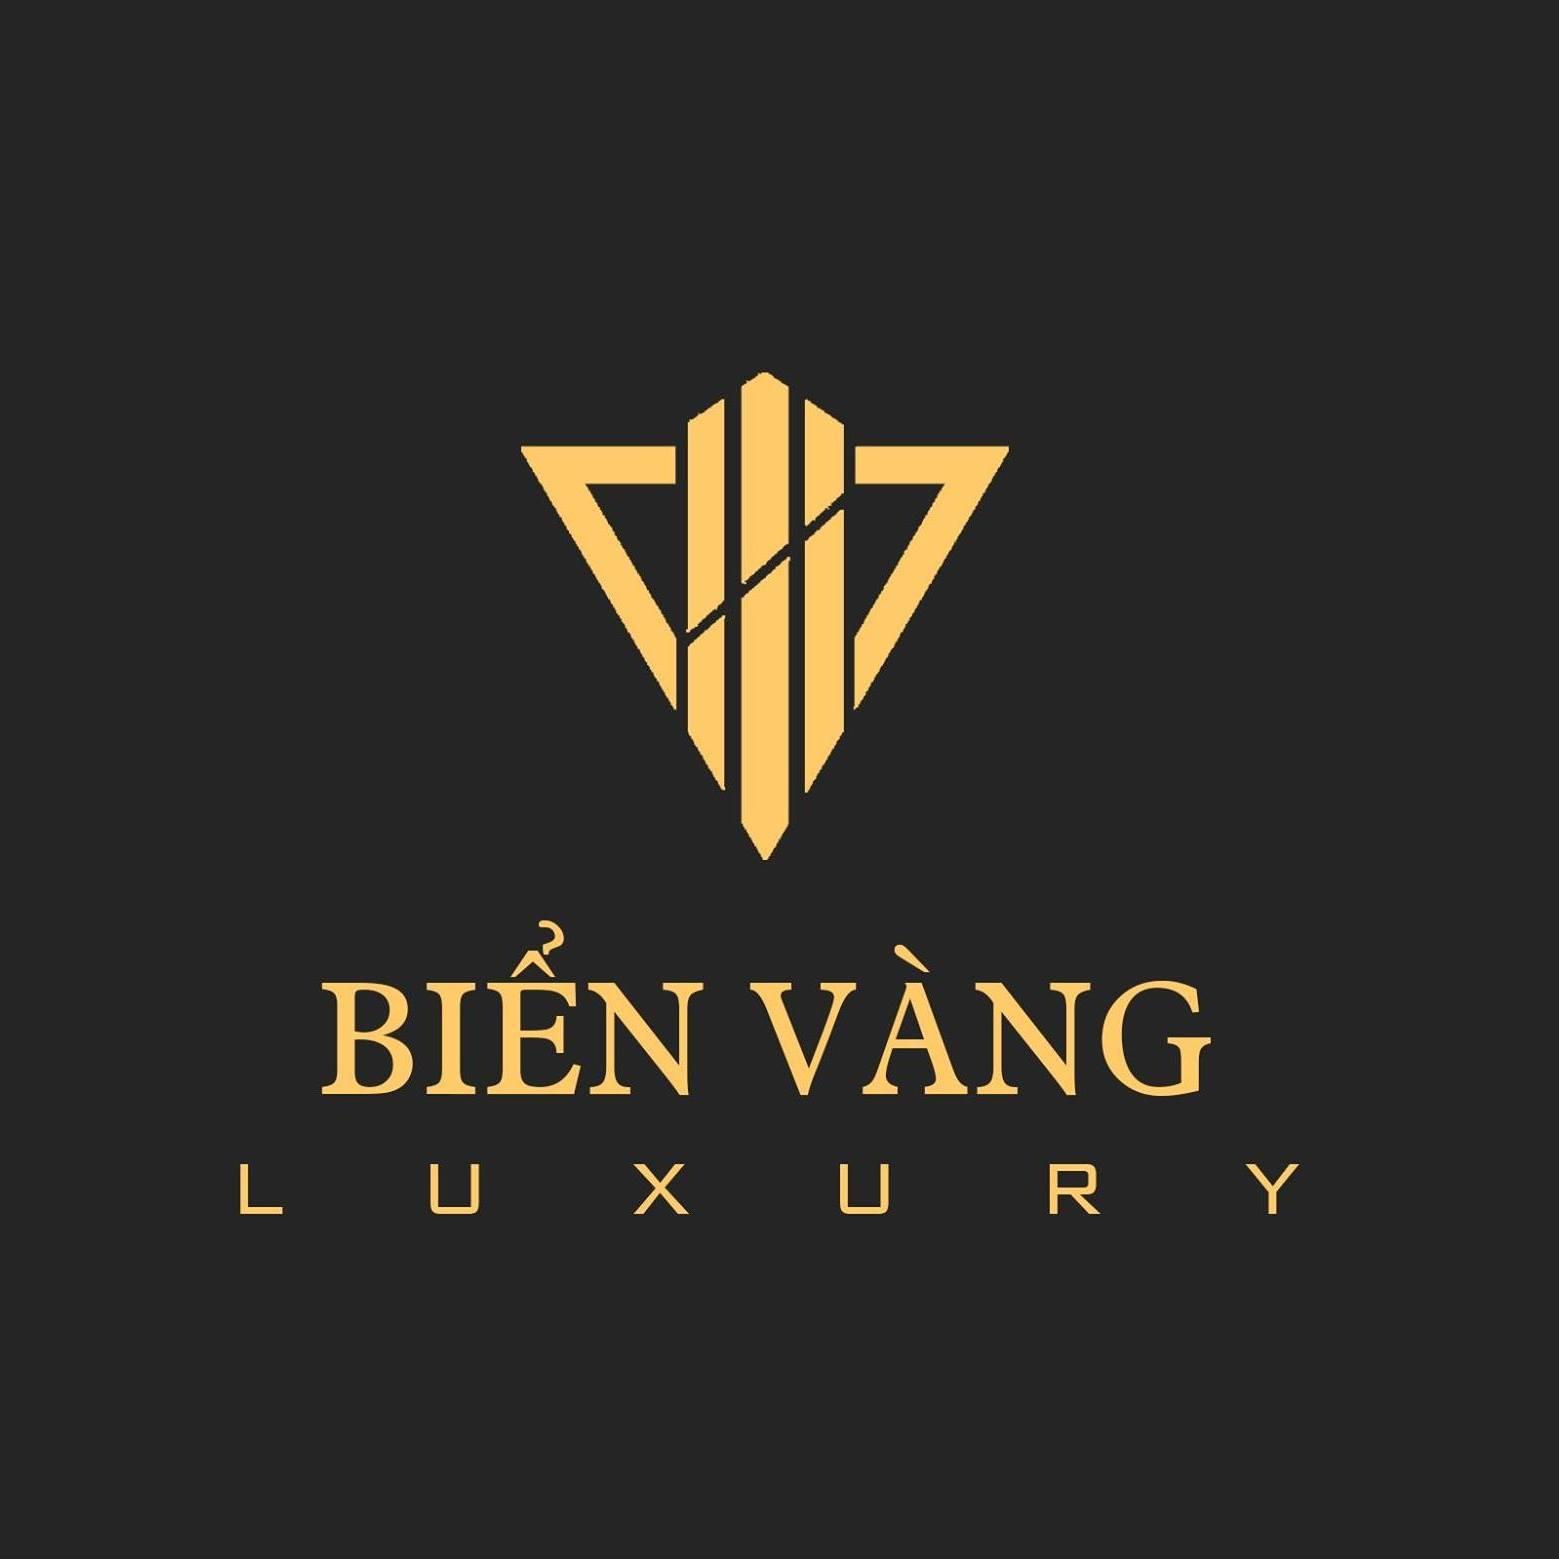 Công ty TNHH Biển Vàng Luxury